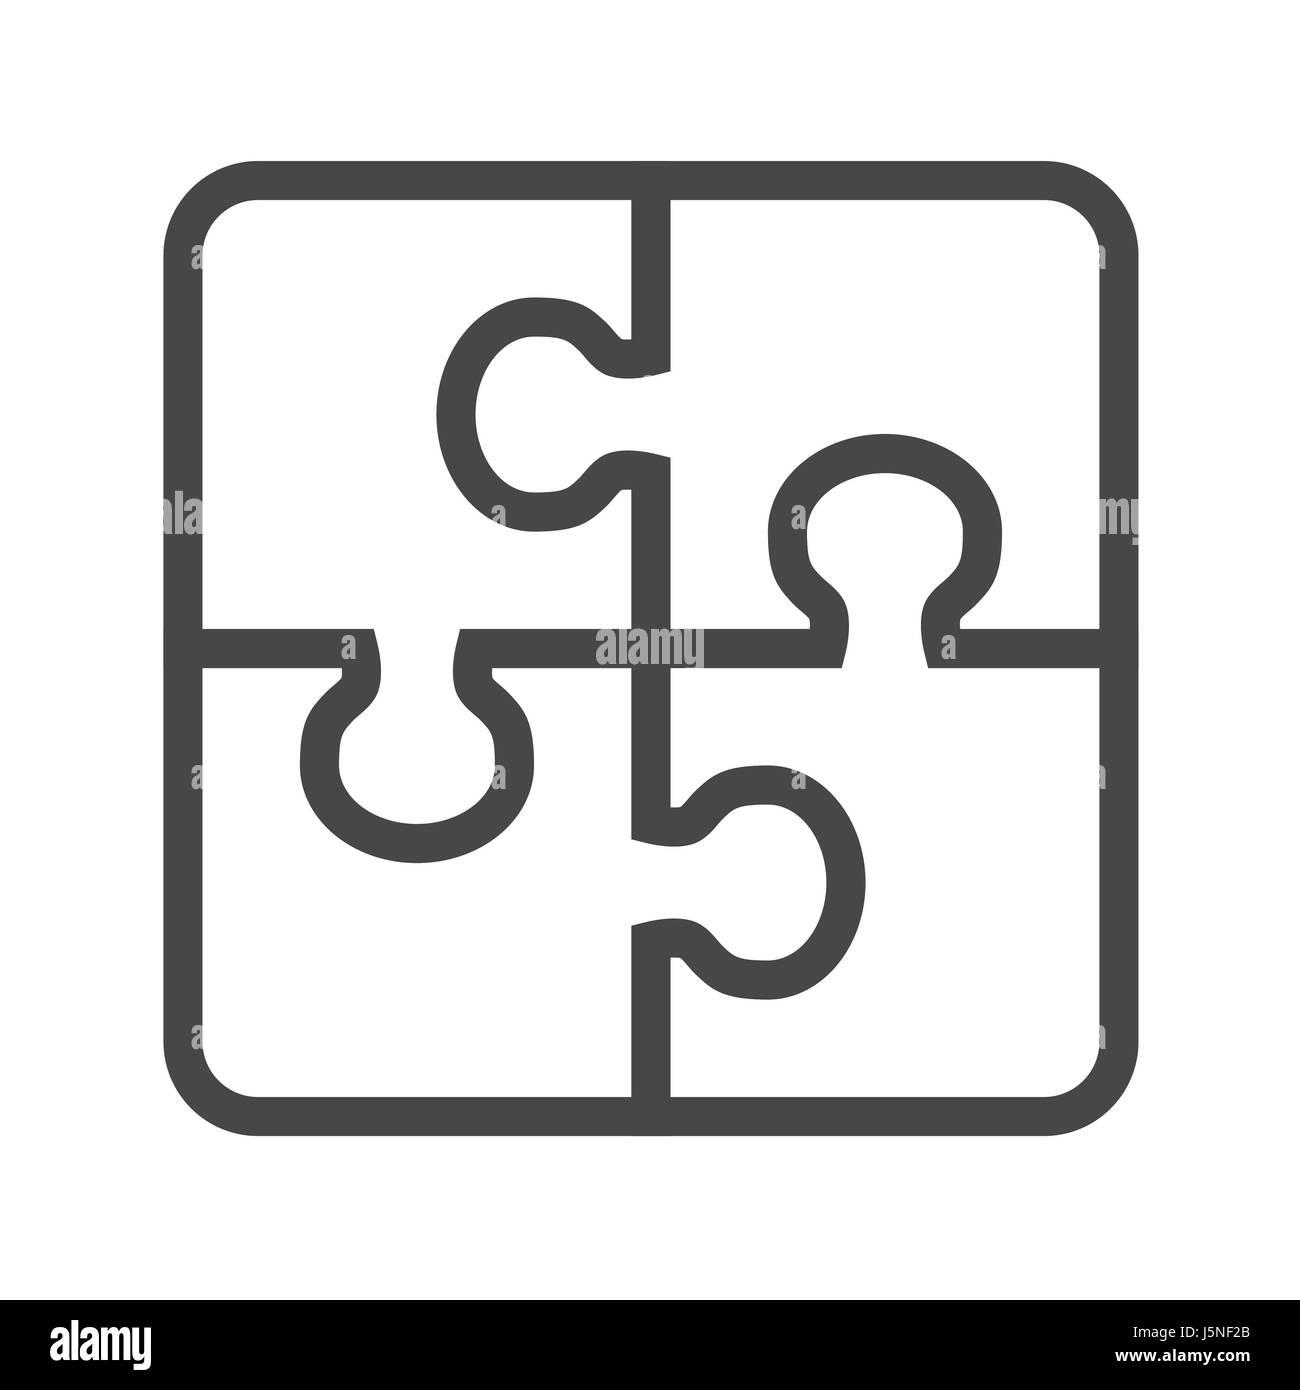 Casse-tête fine ligne Icône vecteur. L'icône de la télévision isolé sur  fond blanc. Fichier EPS modifiables. Vector illustration Image Vectorielle  Stock - Alamy